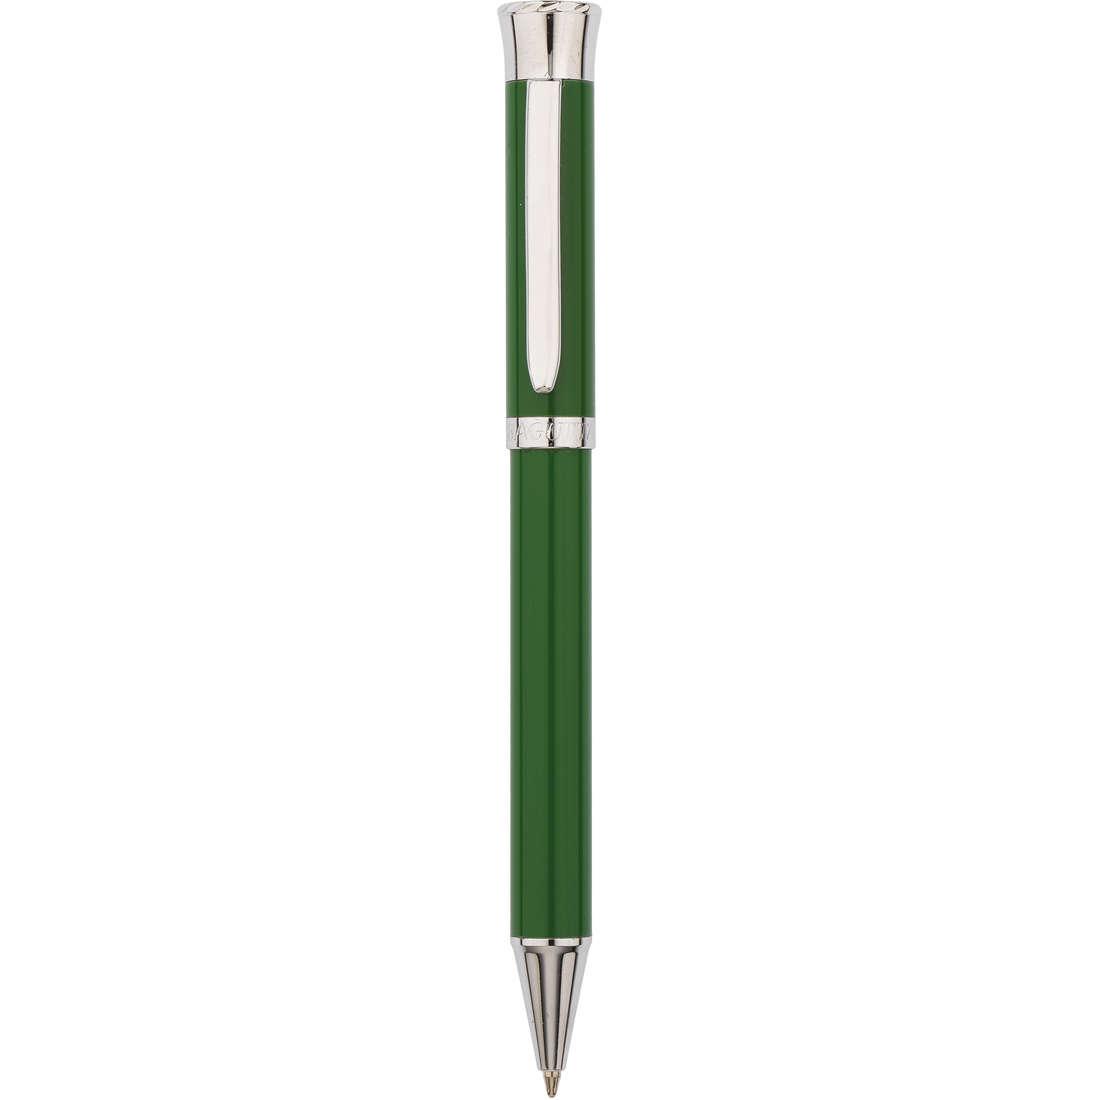 stylo unisex bijoux Bagutta Penne H 6005-05 B